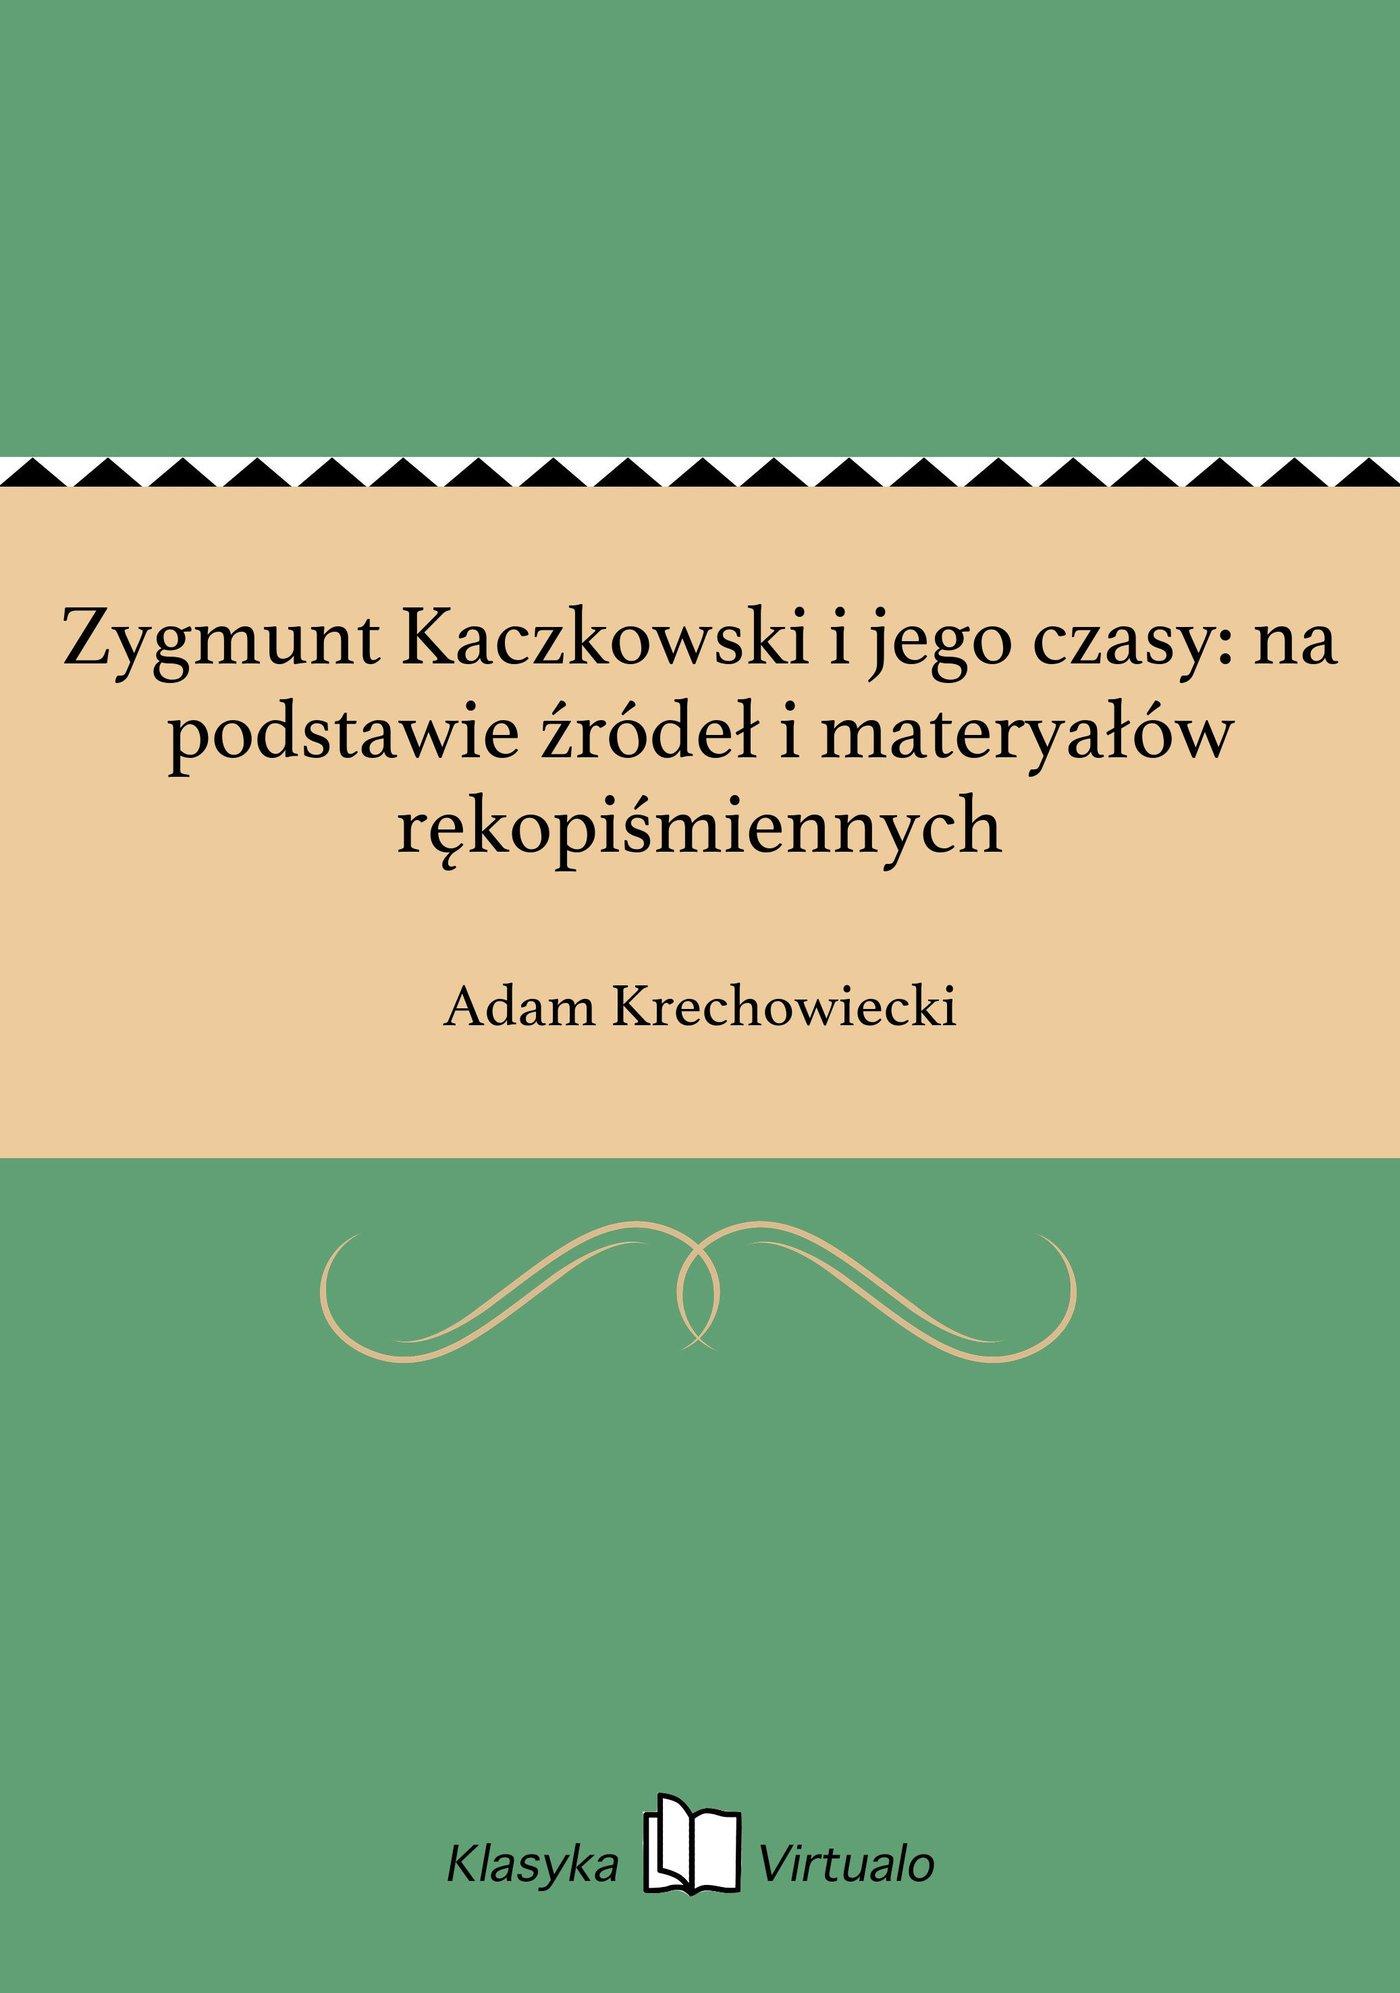 Zygmunt Kaczkowski i jego czasy: na podstawie źródeł i materyałów rękopiśmiennych - Ebook (Książka na Kindle) do pobrania w formacie MOBI